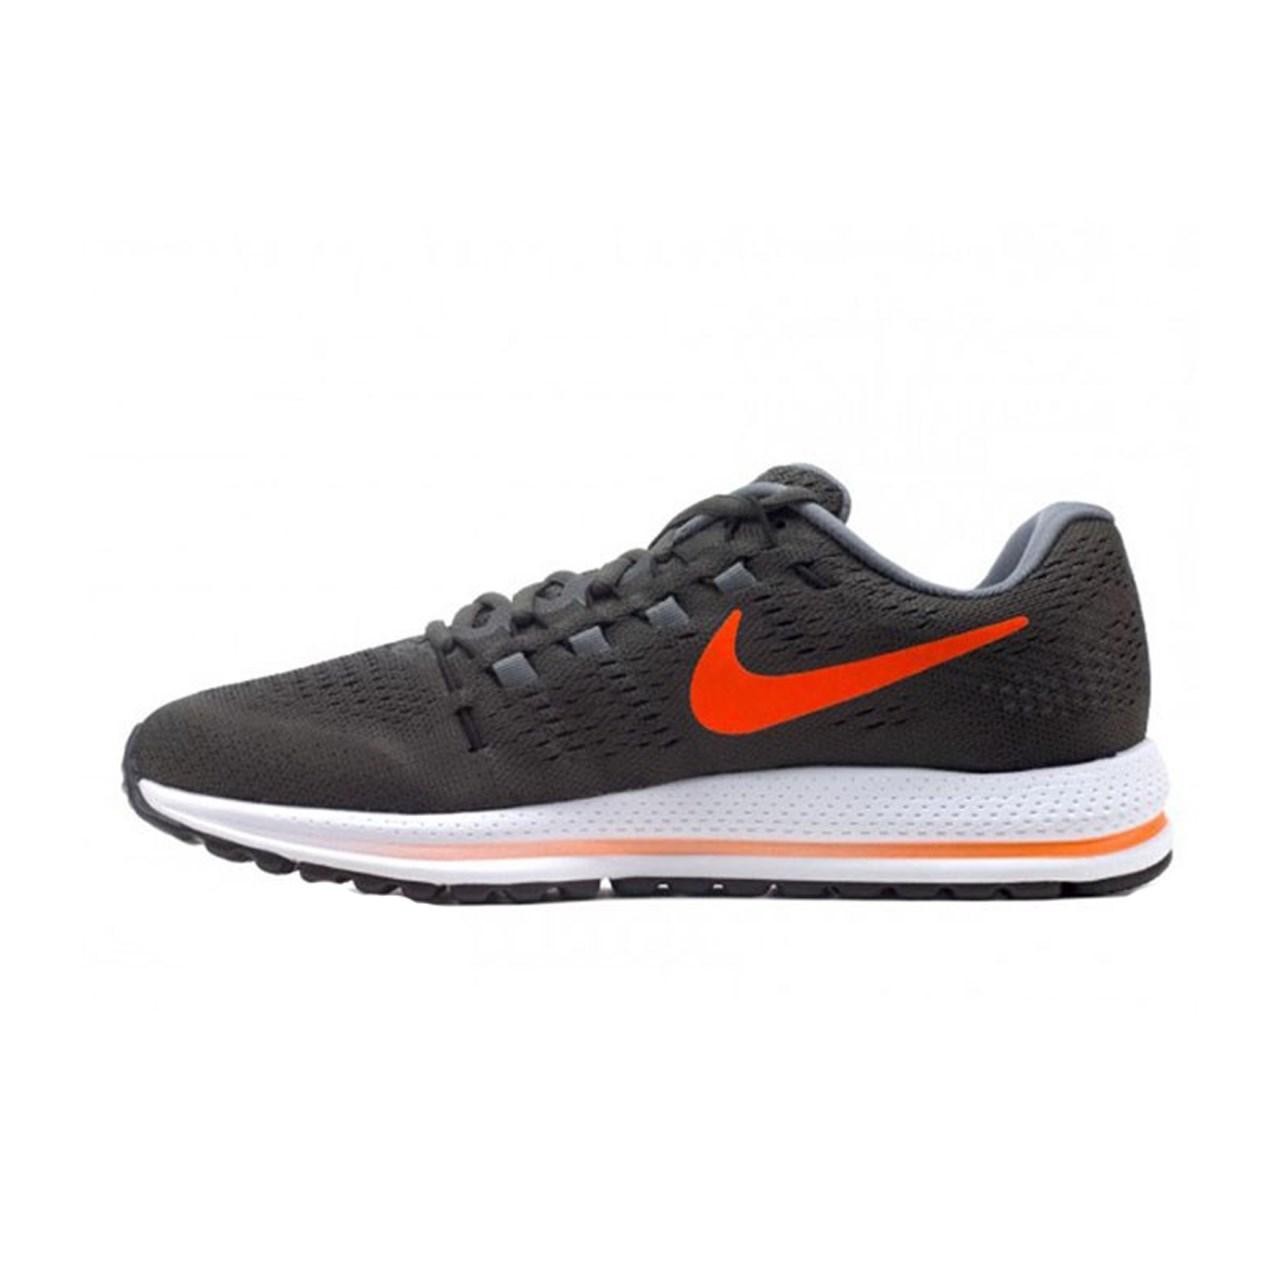 کفش مخصوص دویدن مردانه نایکی مدل air zoom